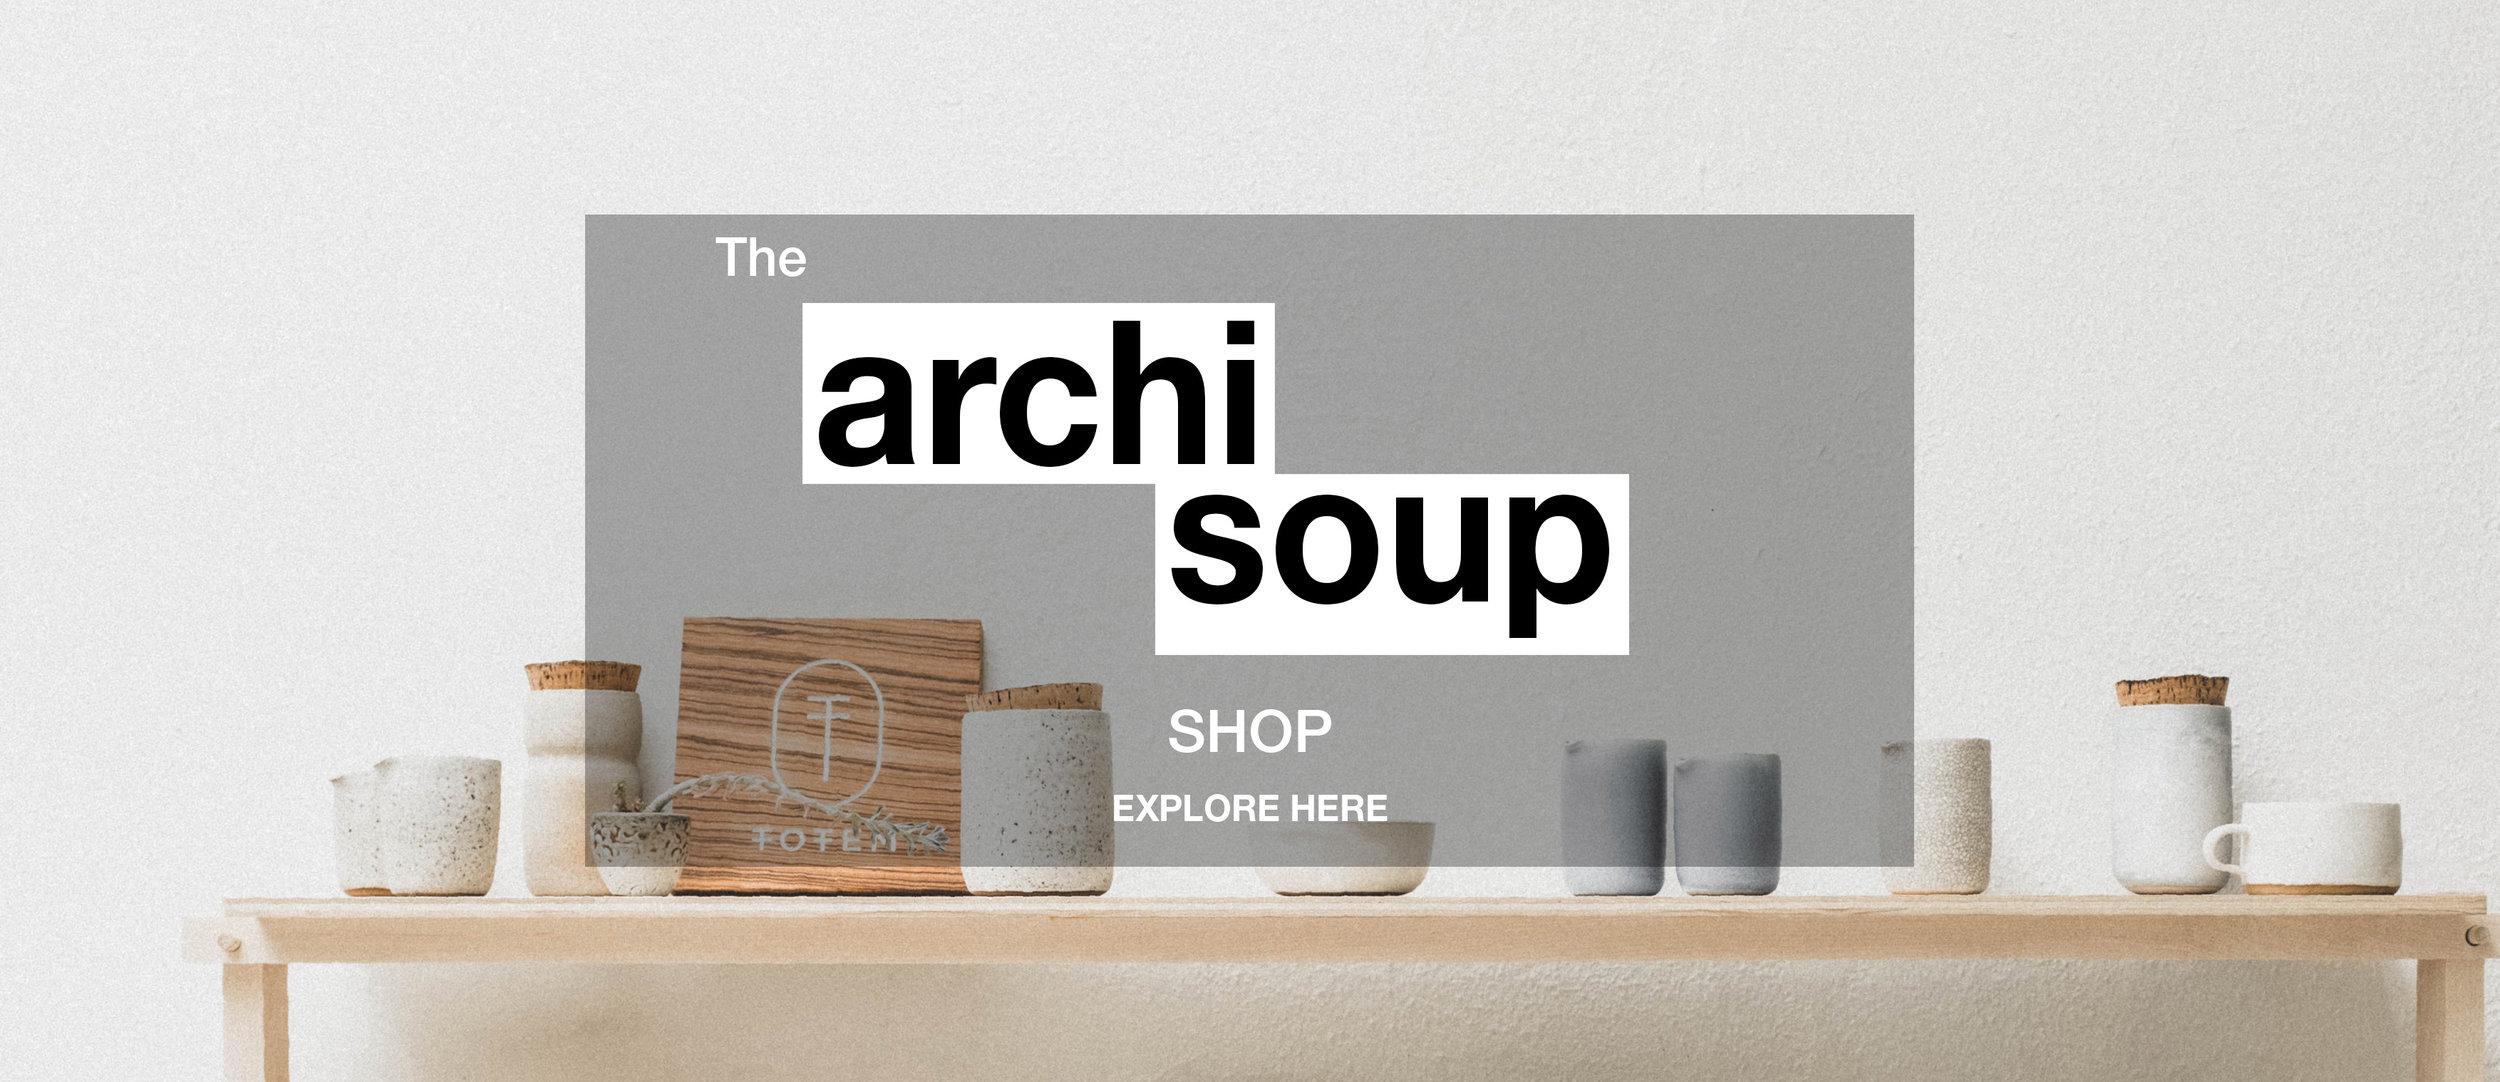 Archisoup-architecture-student-shop.jpg